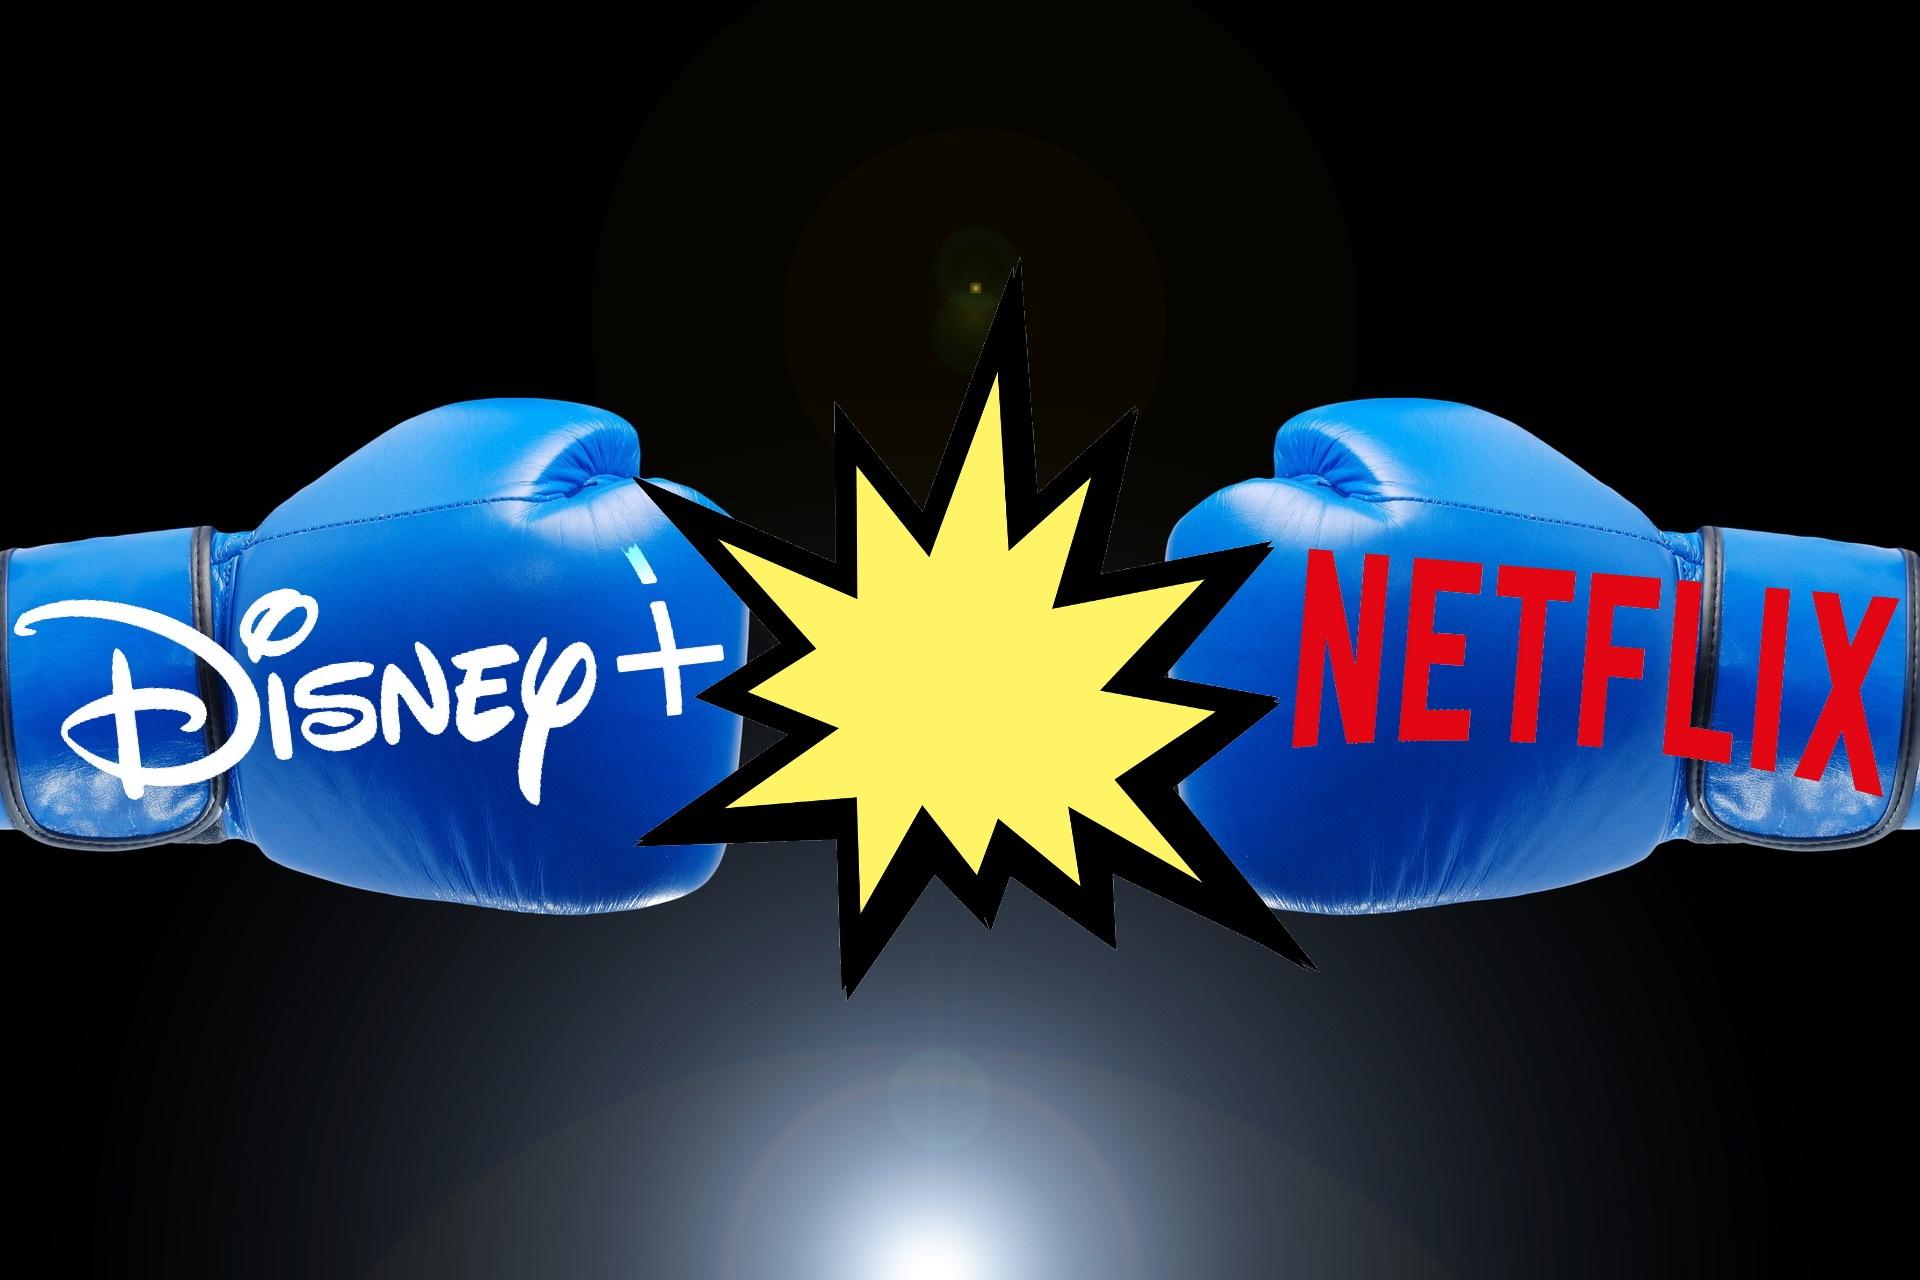 Disney Plus schafft in 5 Monaten, wofür Netflix Jahre gebraucht hat